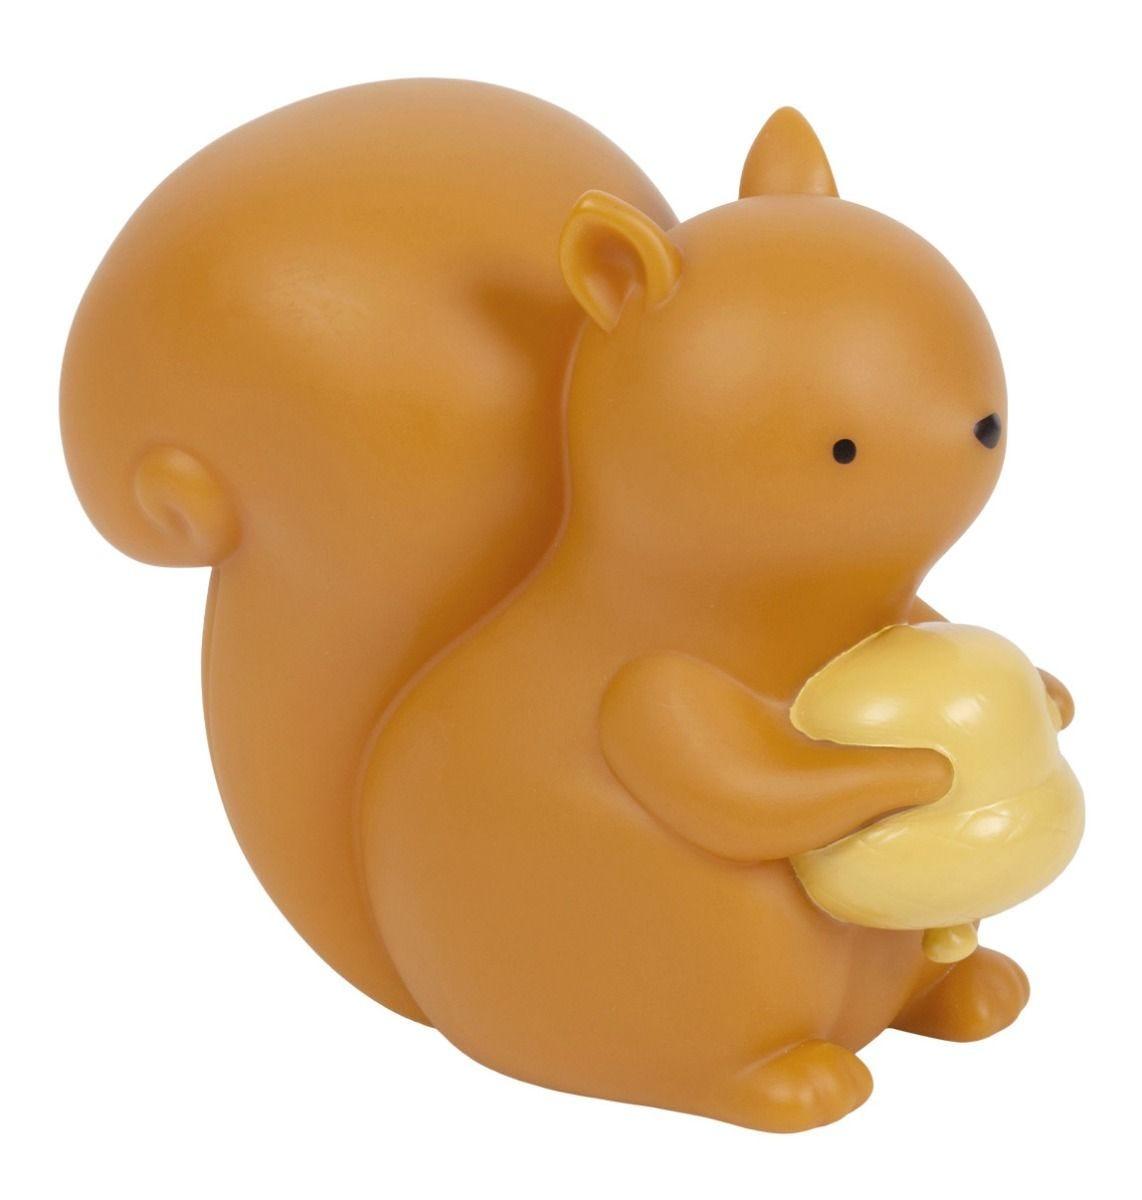 llsqor60-lr-1-little-light-squirrel